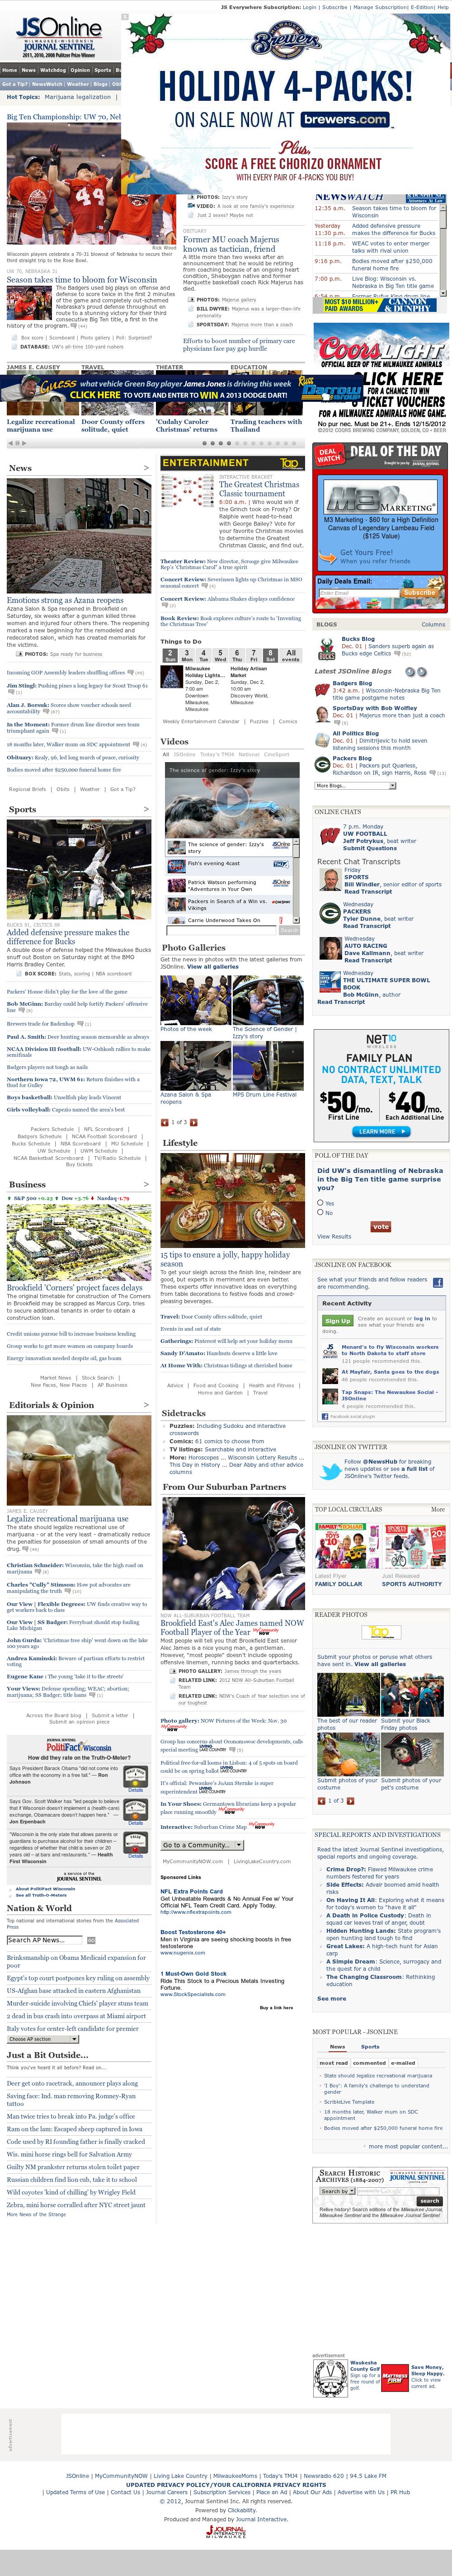 Milwaukee Journal Sentinel at Sunday Dec. 2, 2012, 12:17 p.m. UTC